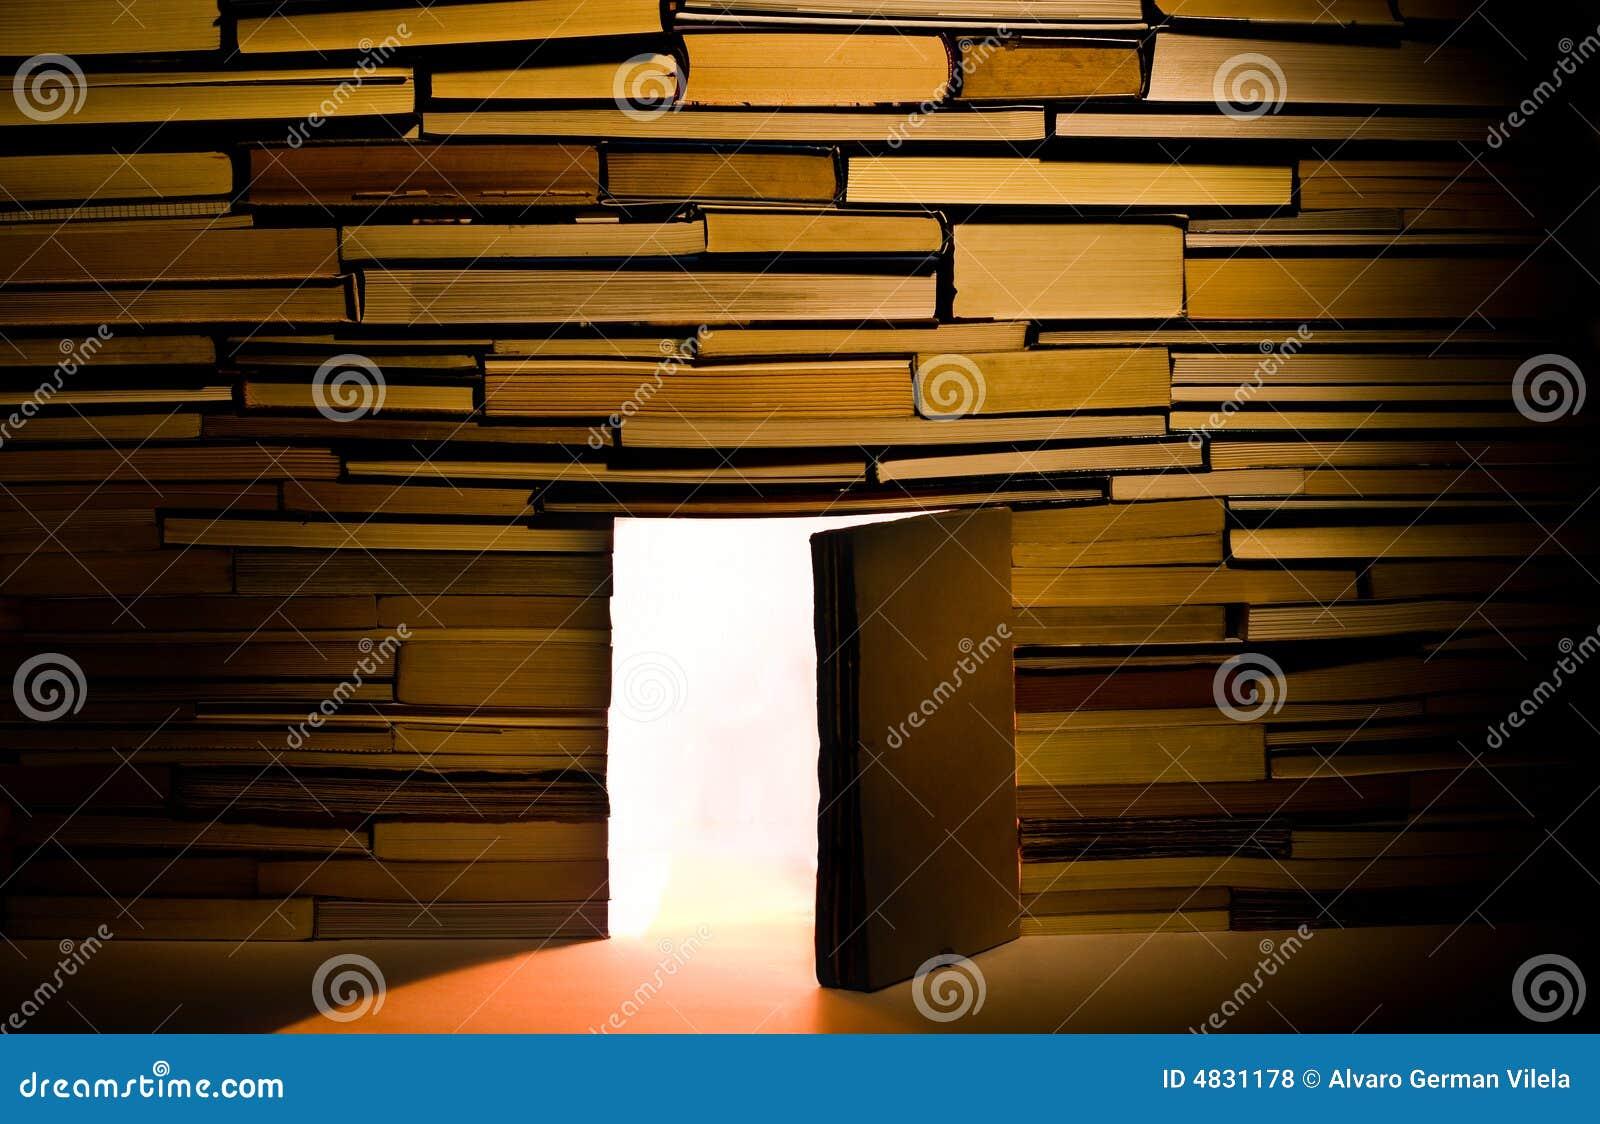 Wand der Bücher mit offener Tür